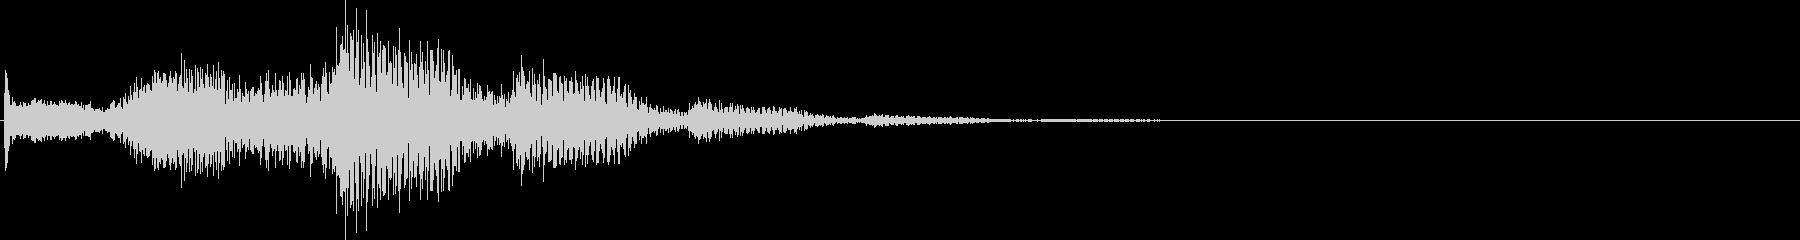 ピロロロン(決定、スワイプ、表示)の未再生の波形